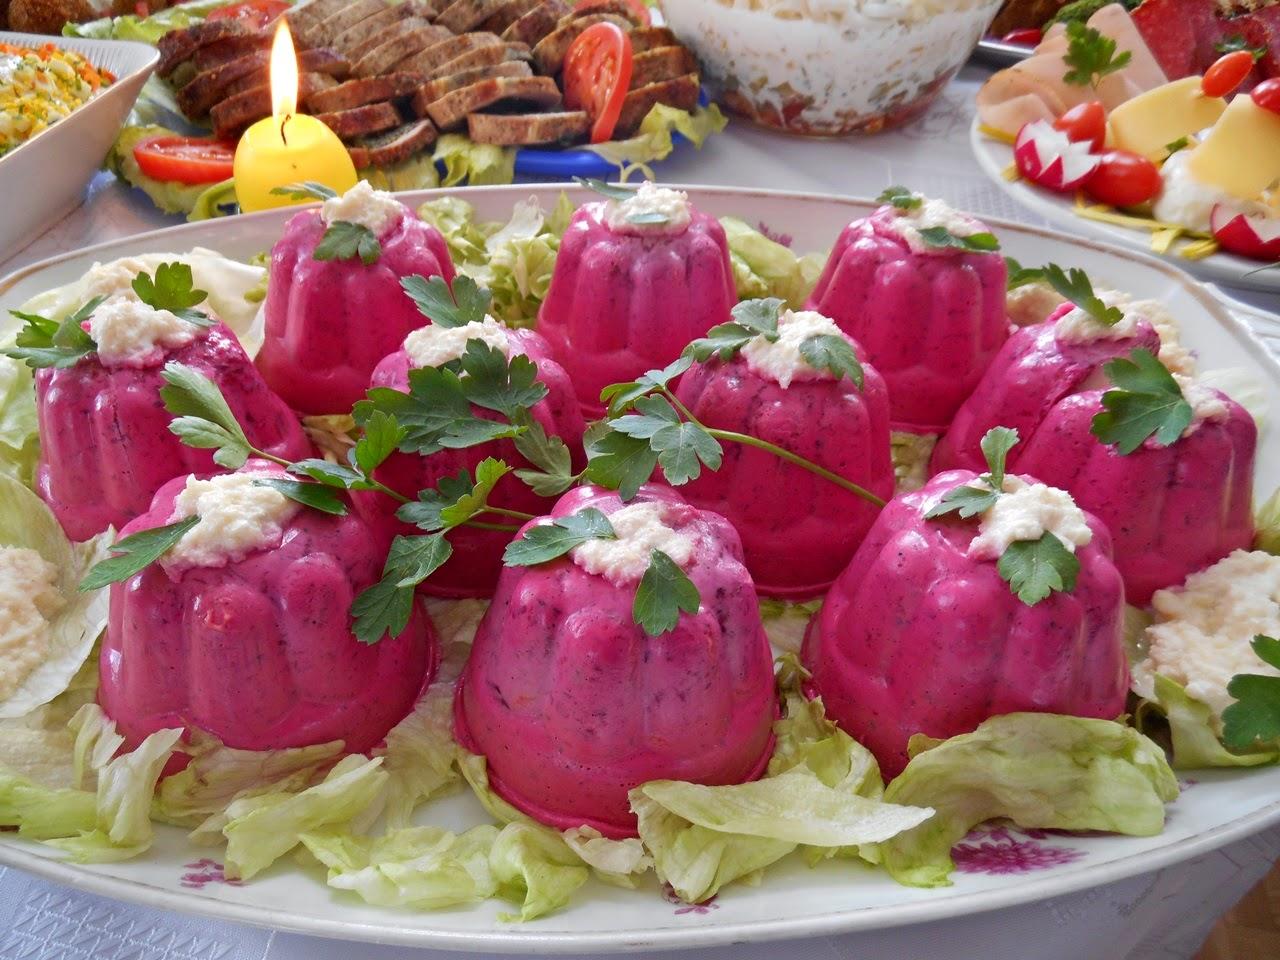 smakowitości, świąteczne potrawy, mięsa, Wielkanoc